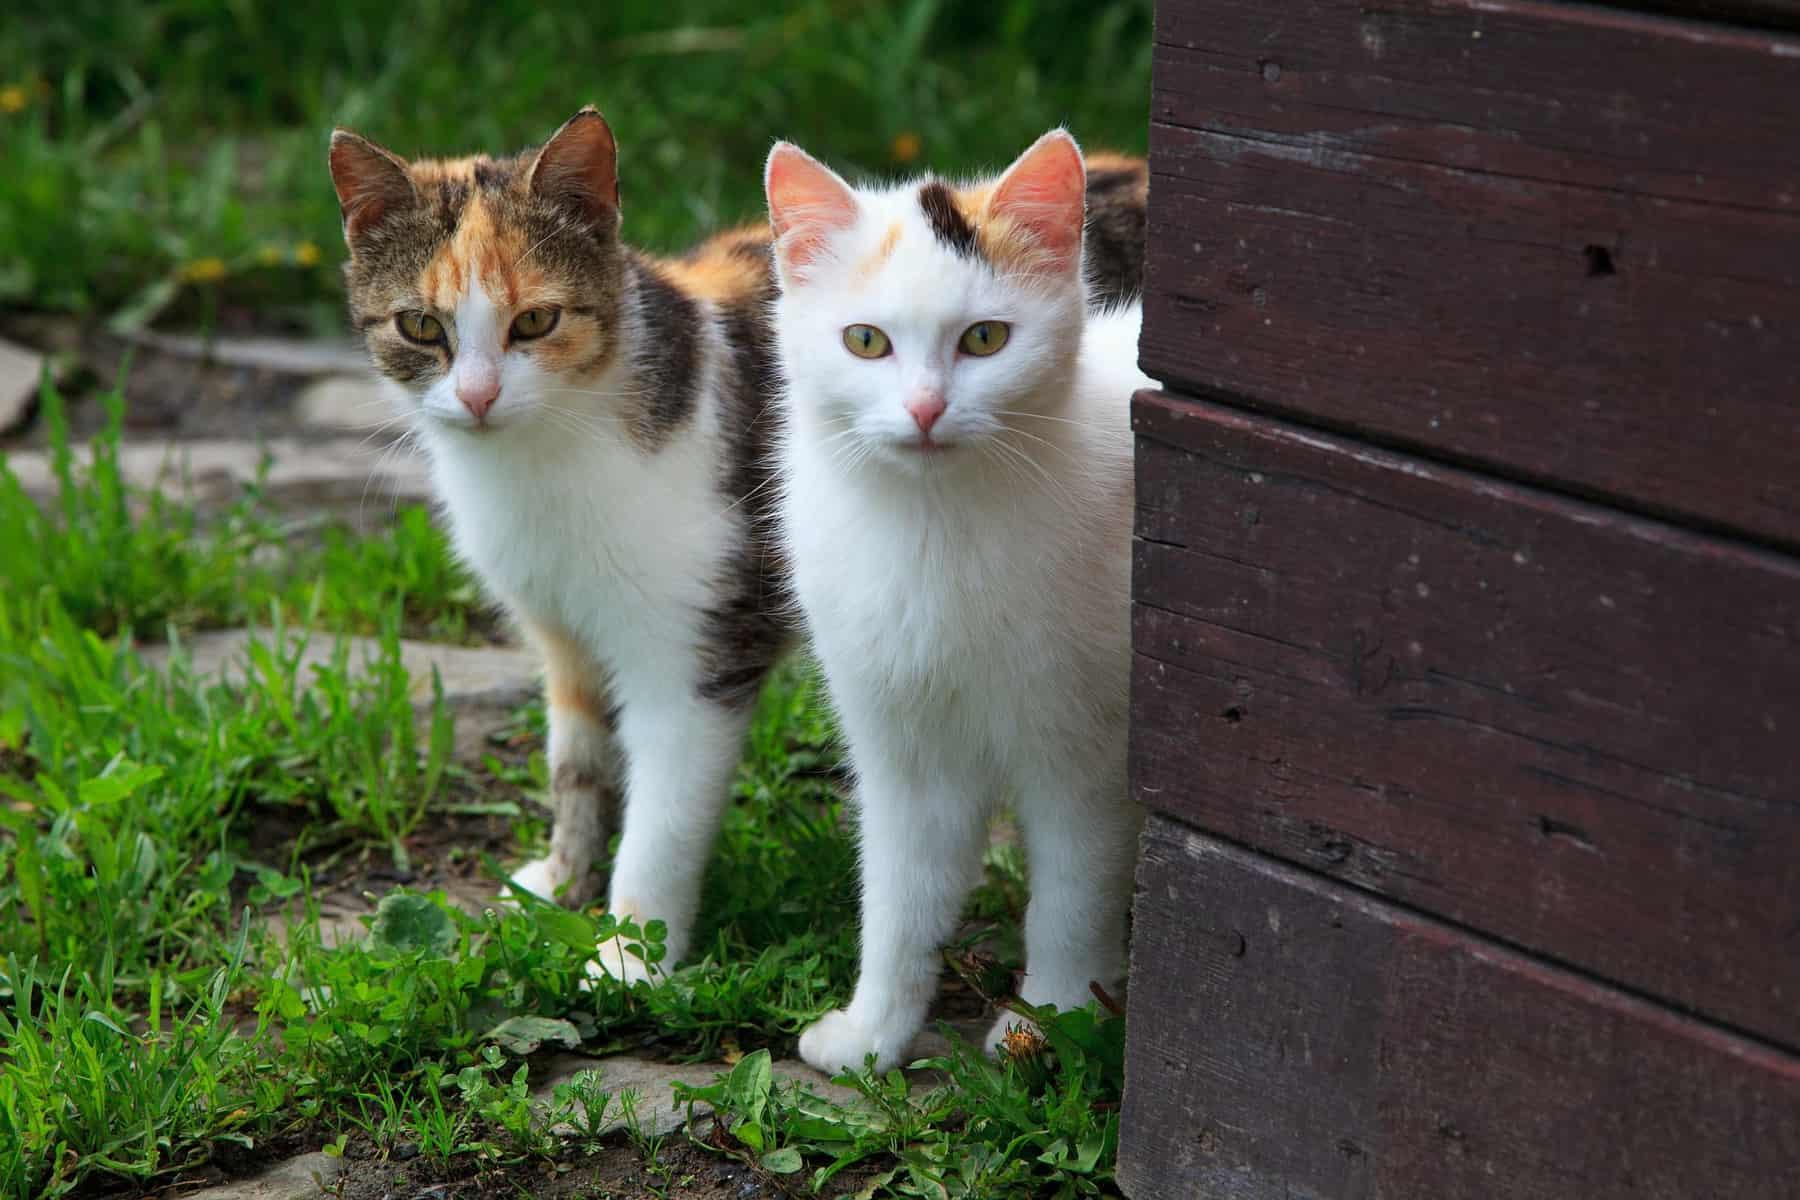 Covid-19 : Un algorithme désigne le chat comme hôte potentiel des futures souches de SARS-CoV-2 - 24matins.fr